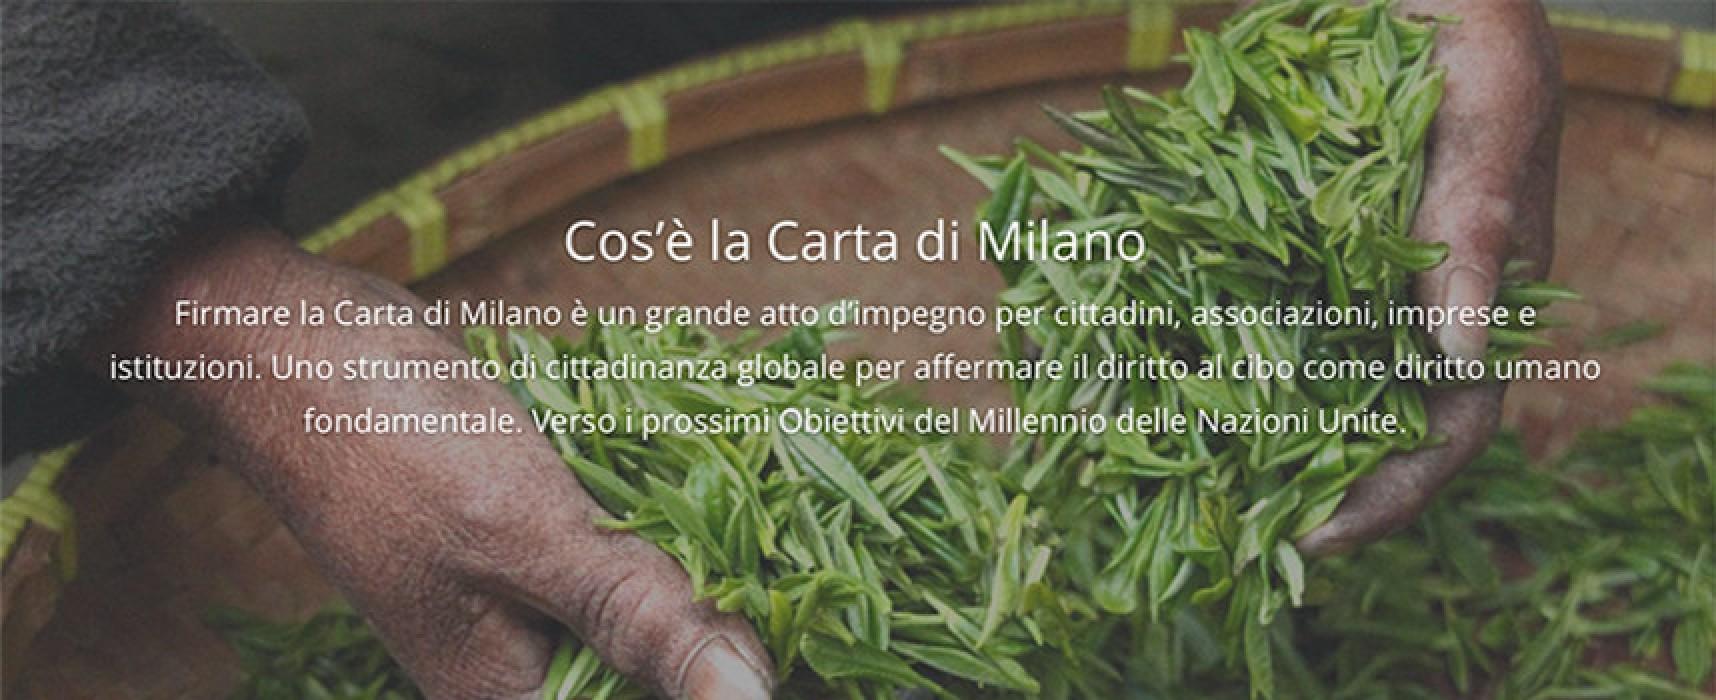 Il Comune di Bisceglie aderisce alla Carta di Milano, obiettivo combattere la fame nel mondo